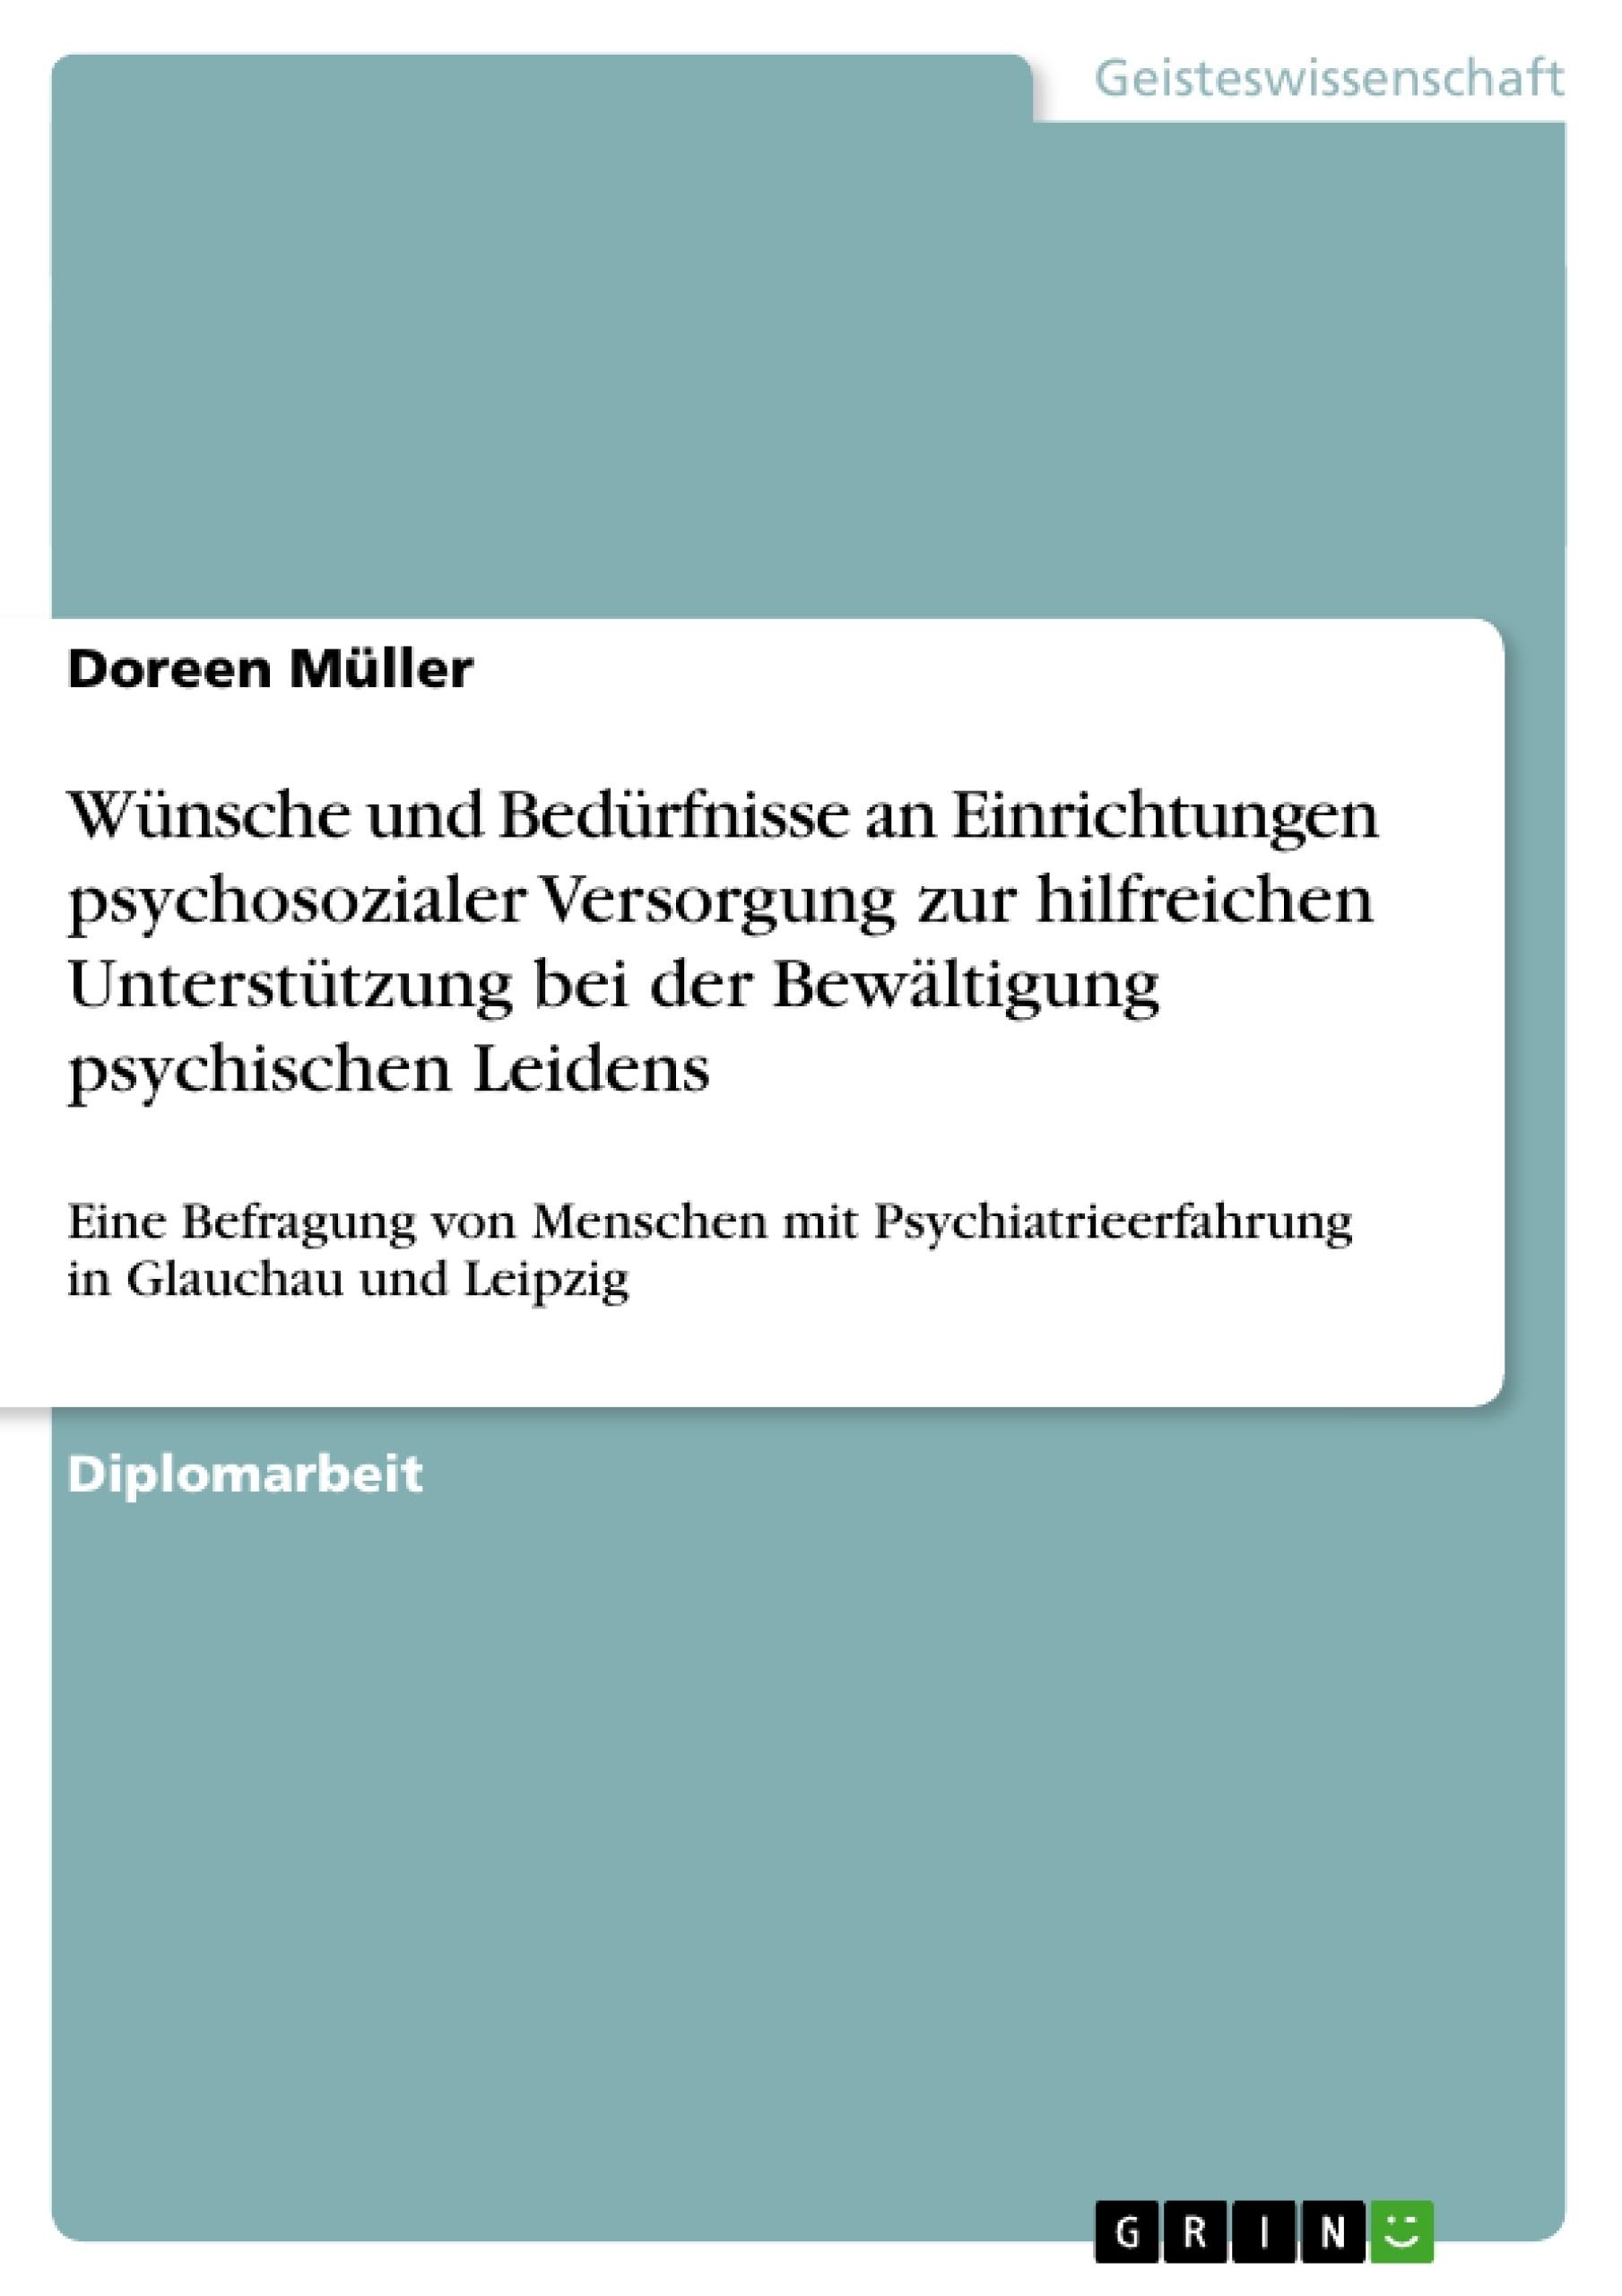 Titel: Wünsche und Bedürfnisse an Einrichtungen psychosozialer Versorgung zur hilfreichen Unterstützung bei der Bewältigung psychischen Leidens